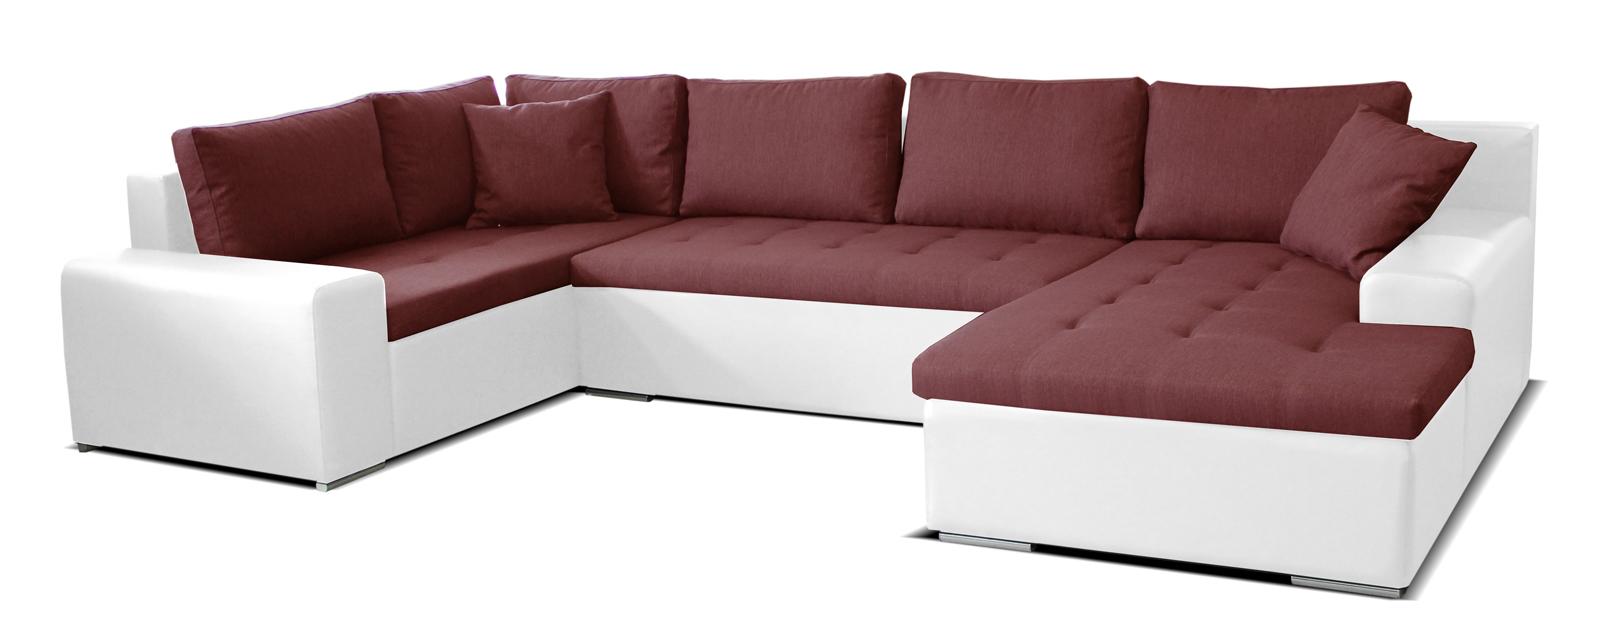 Rohová sedací souprava U - Po-Sed - Moreno BL+2+L (bordó + bílá) (P)